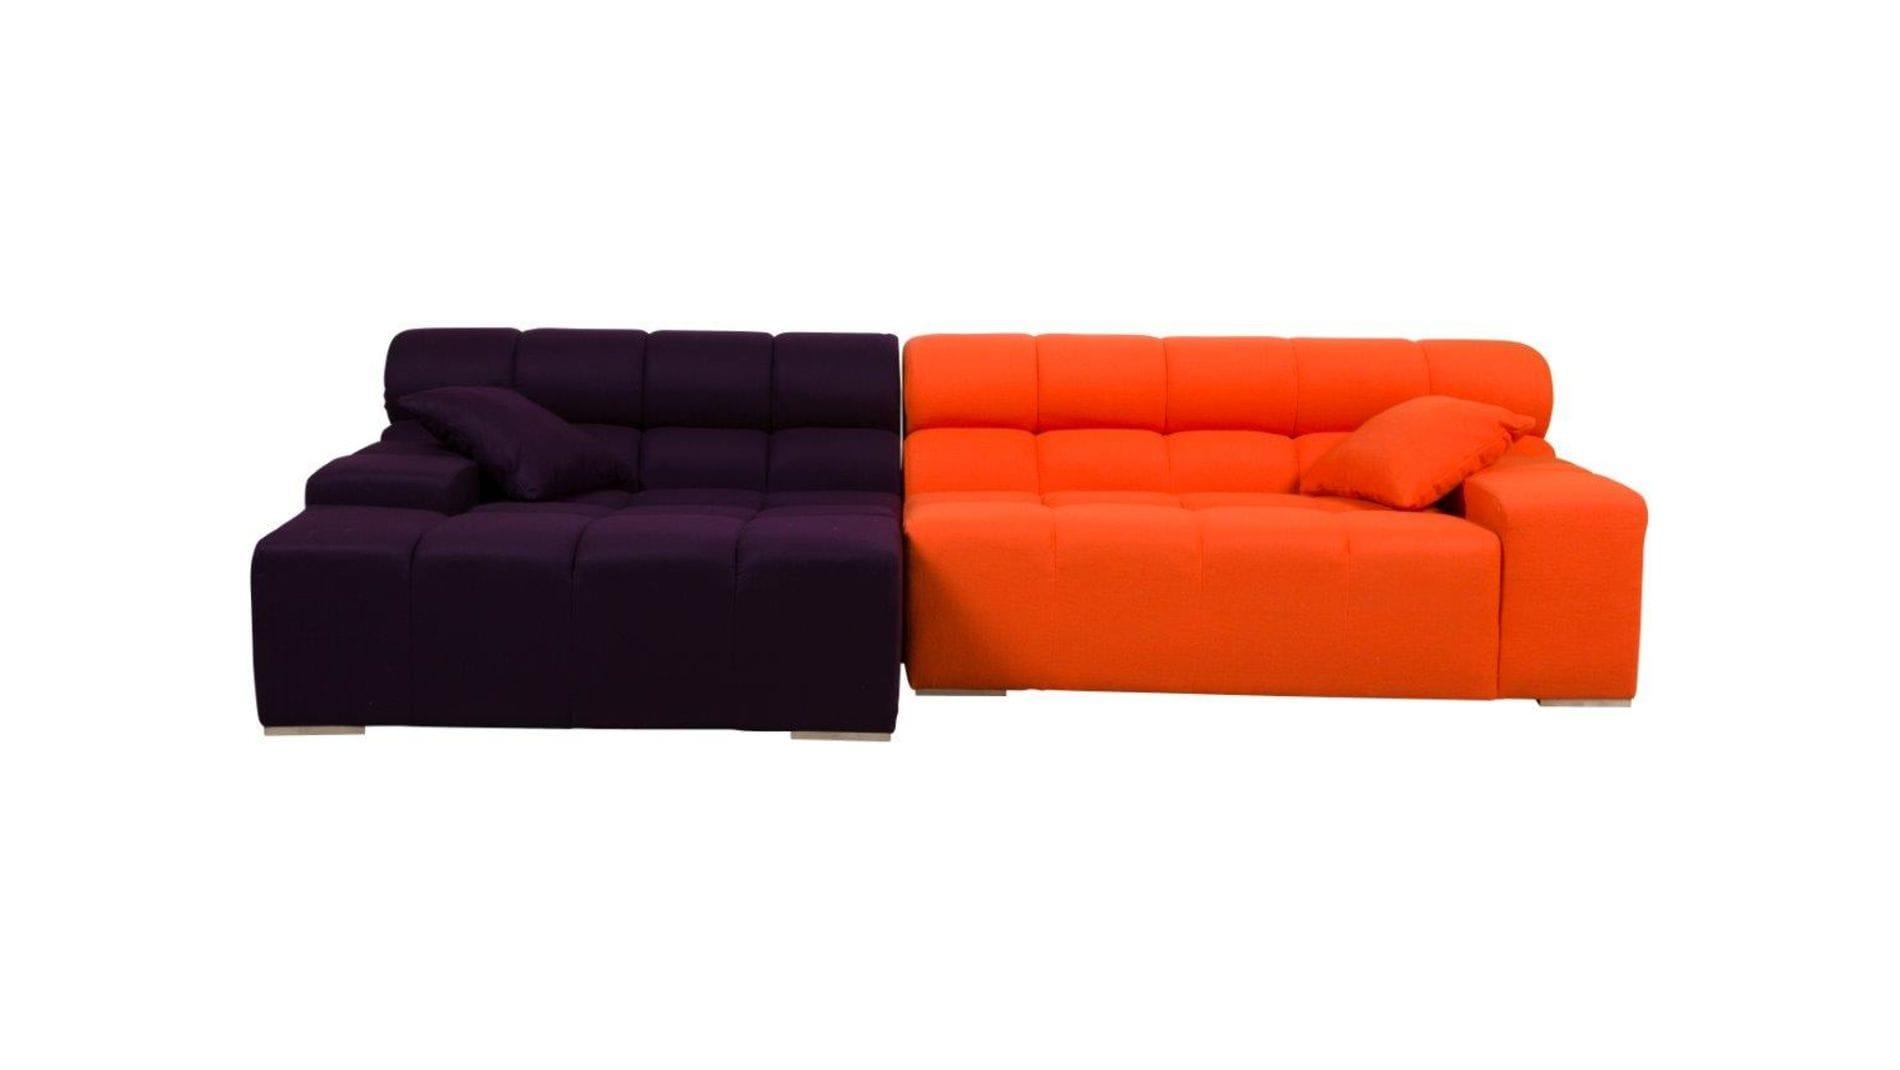 Диван Tufty-Time Sofa Orange-Violet